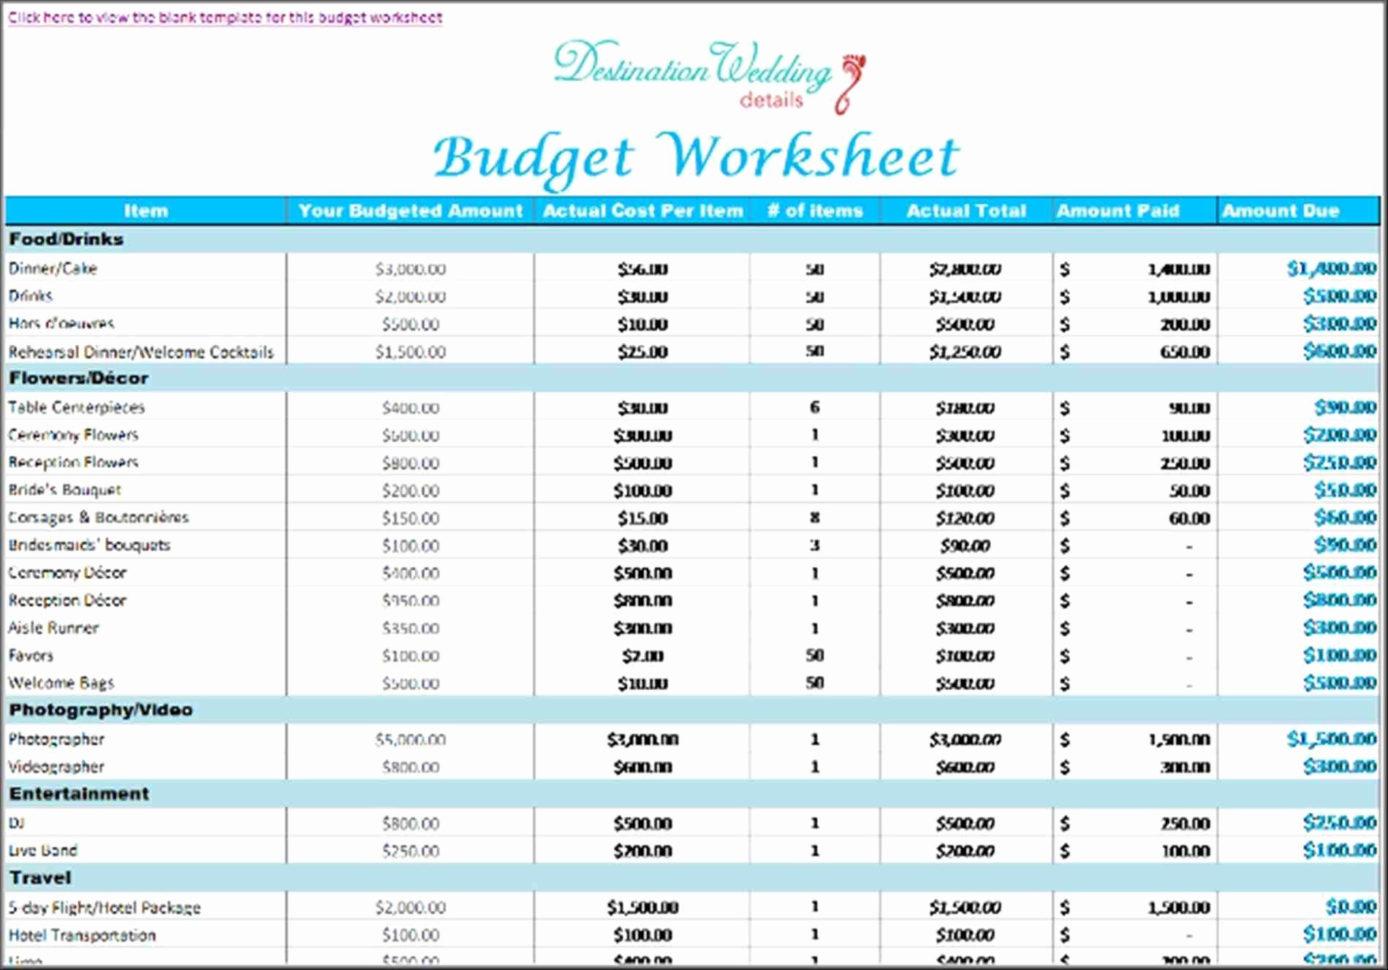 Wedding Budget Spreadsheet For 20k Spreadshee Wedding Budget Spreadsheet For 20k